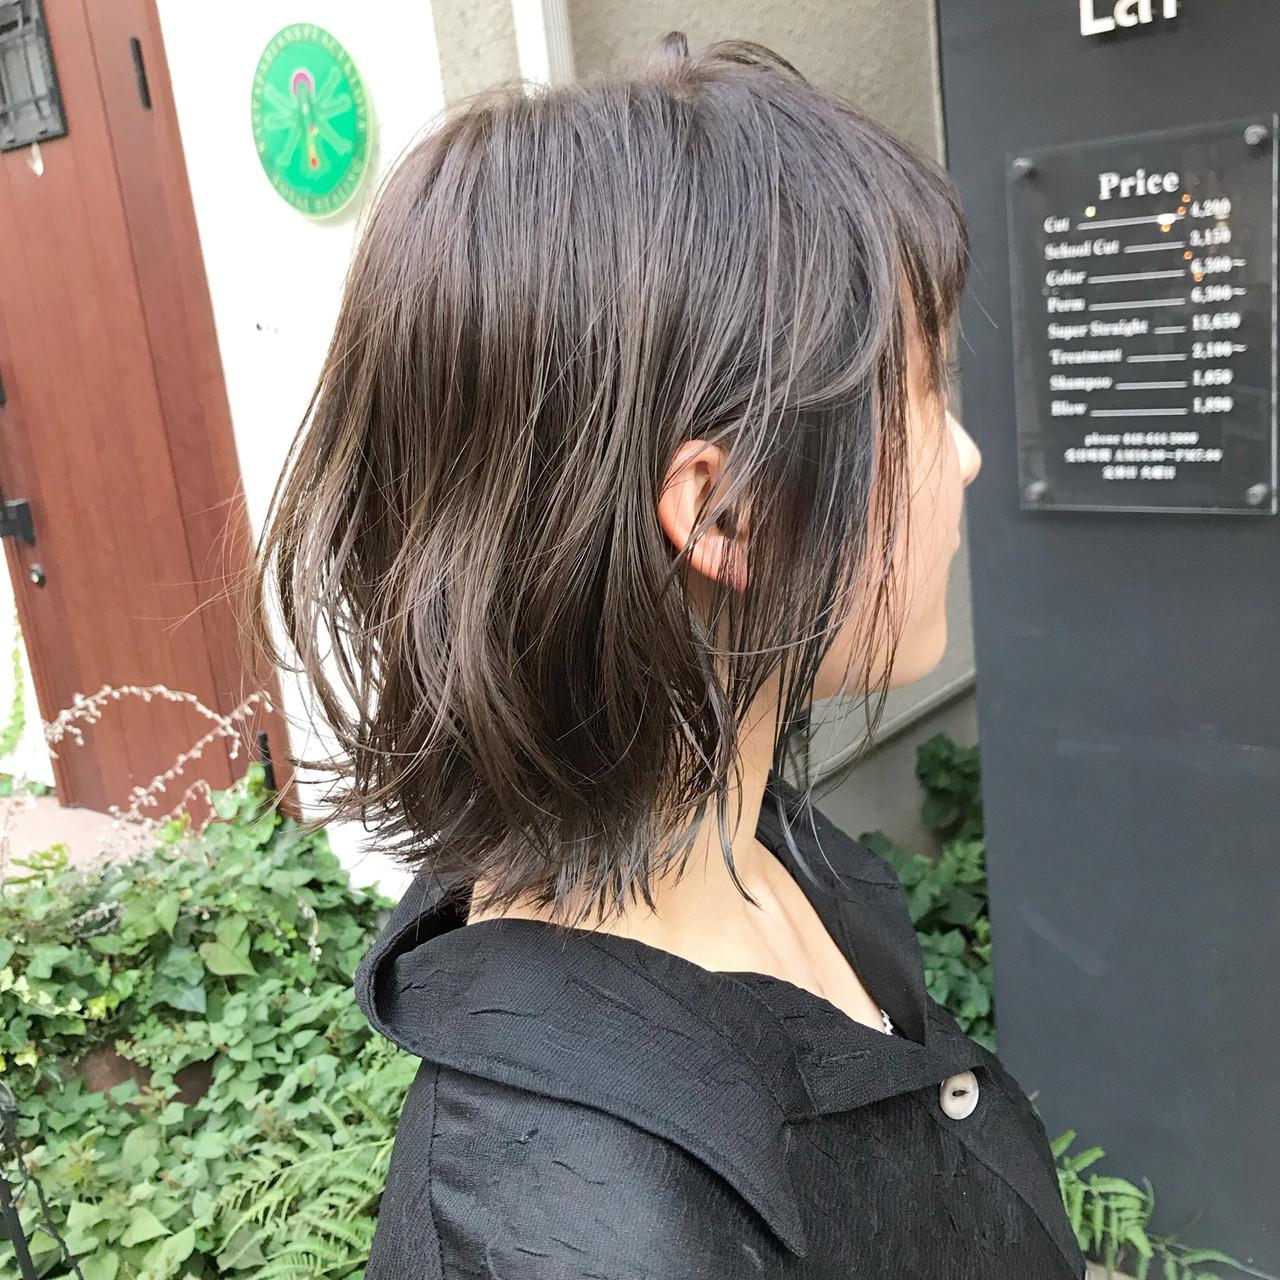 外ハネボブ 切りっぱなしボブ 小顔ショート くびれボブ ヘアスタイルや髪型の写真・画像